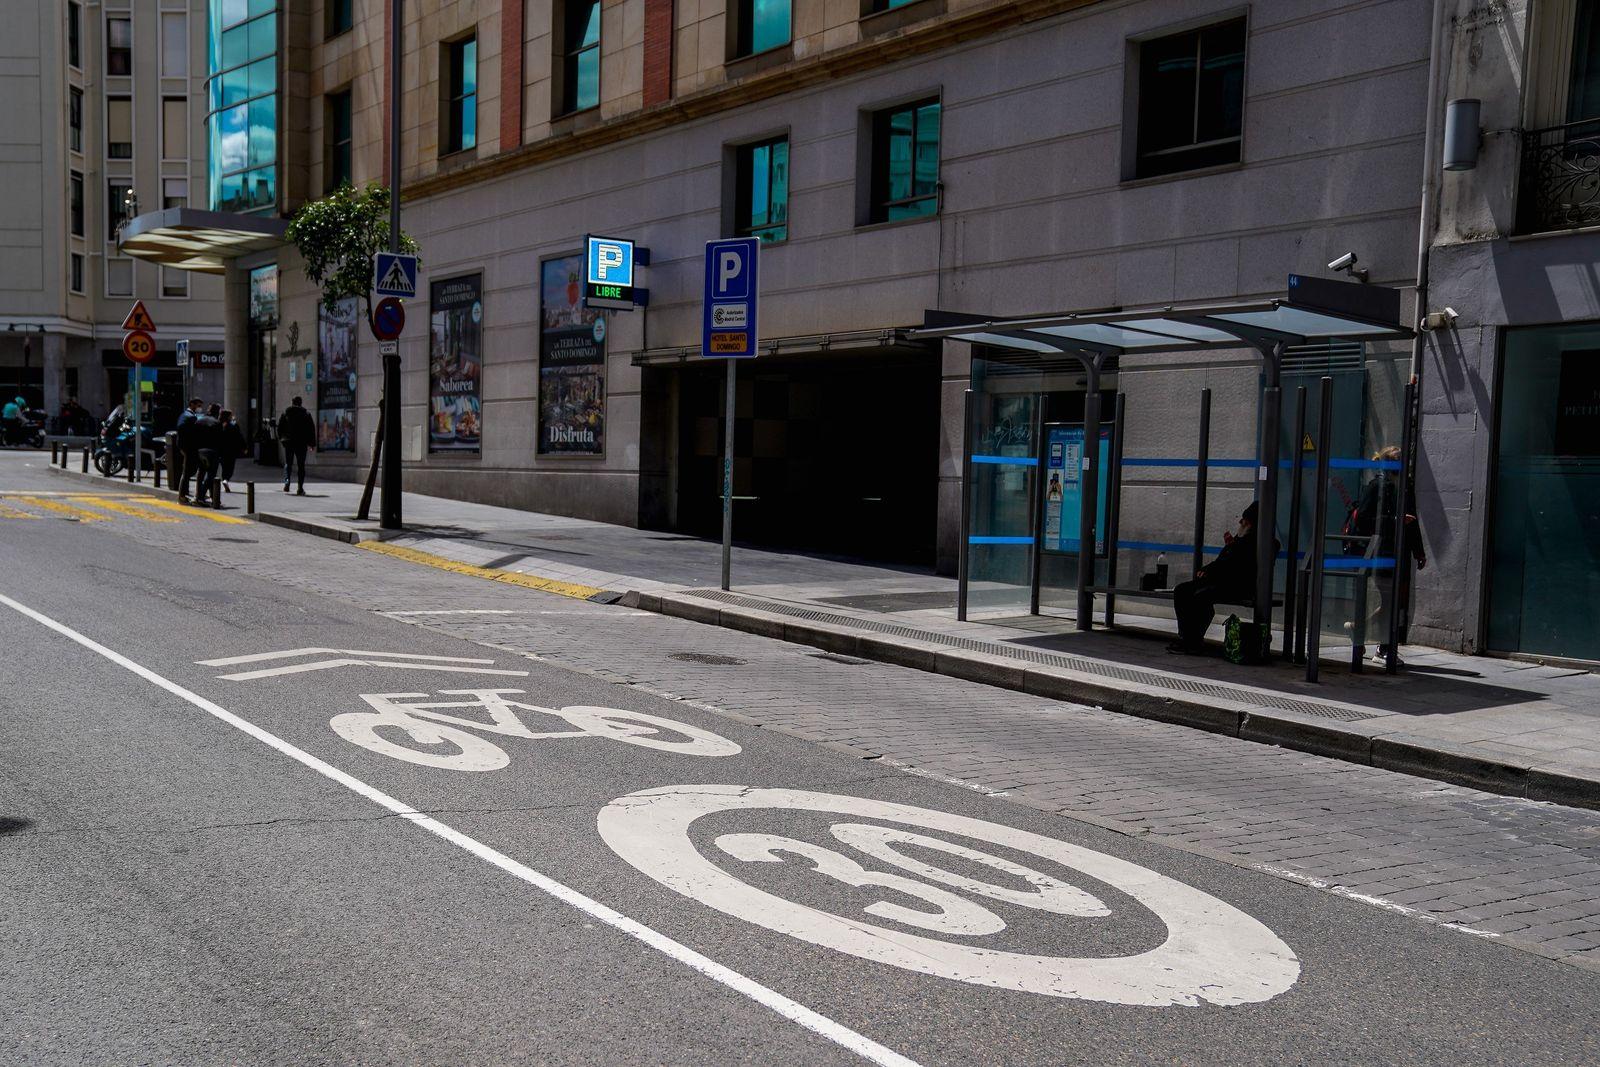 Auf den meisten Straßen spanischer Städte gilt nun Tempolimit 30